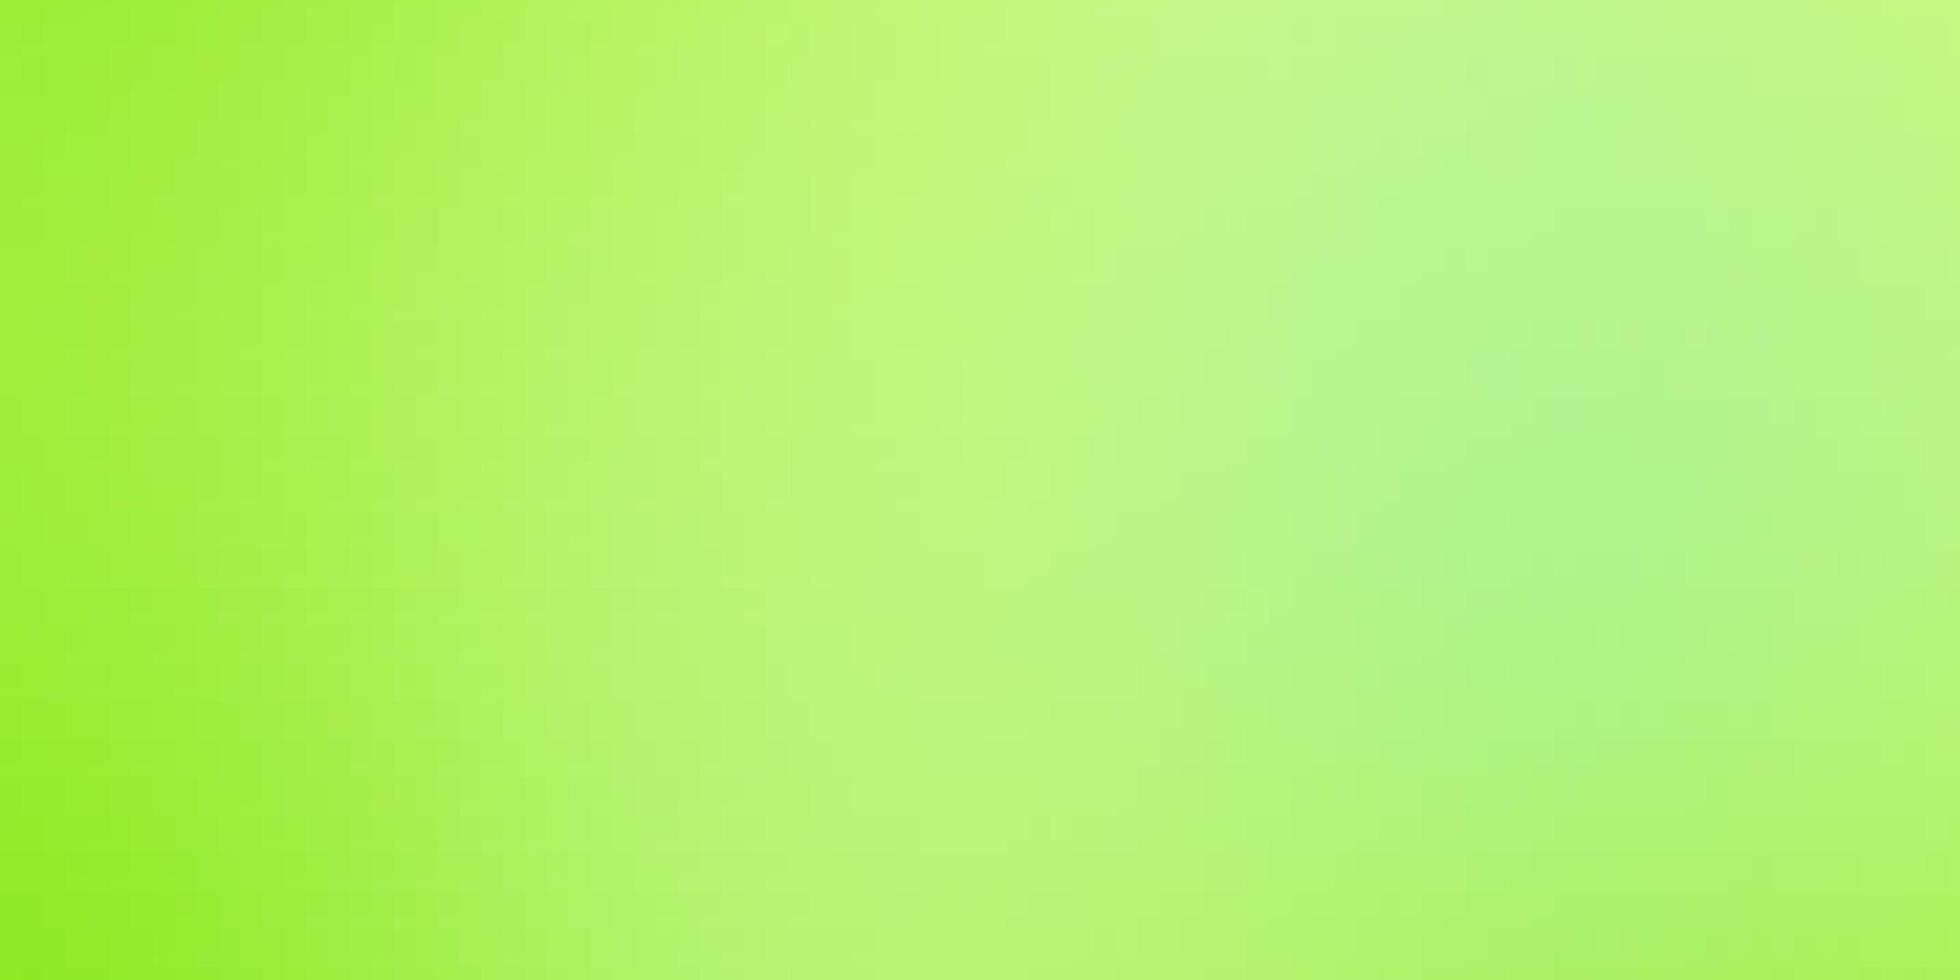 hellgrüne Vorlage mit Rechtecken. vektor